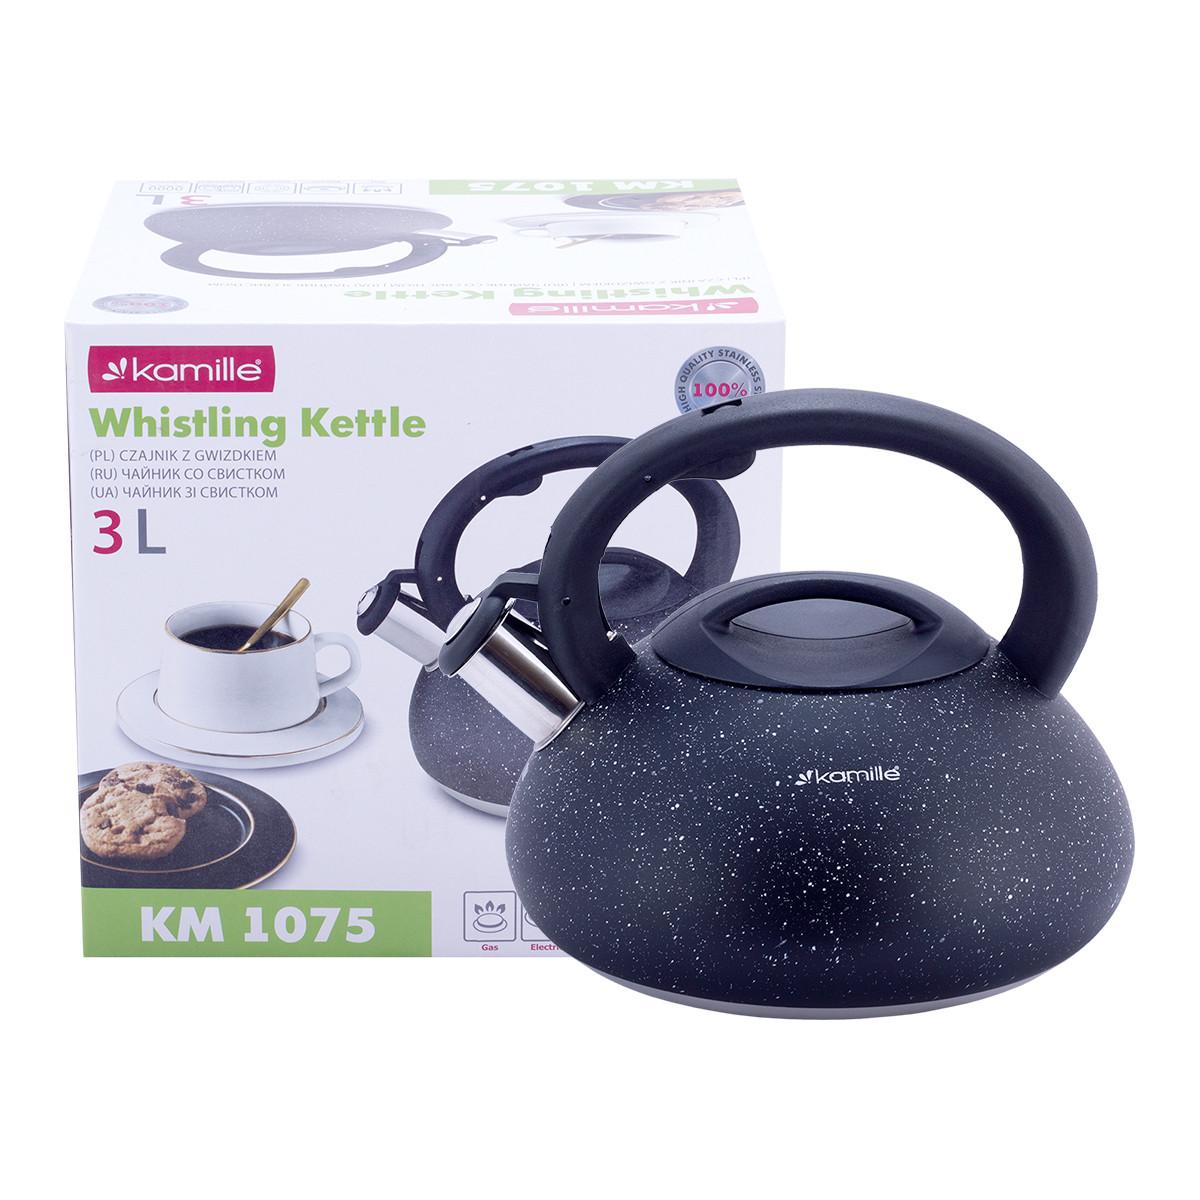 Чайник Kamille 3л из нержавеющей стали со свистком и нейлоновой ручкой для индукции и газа KM-1075